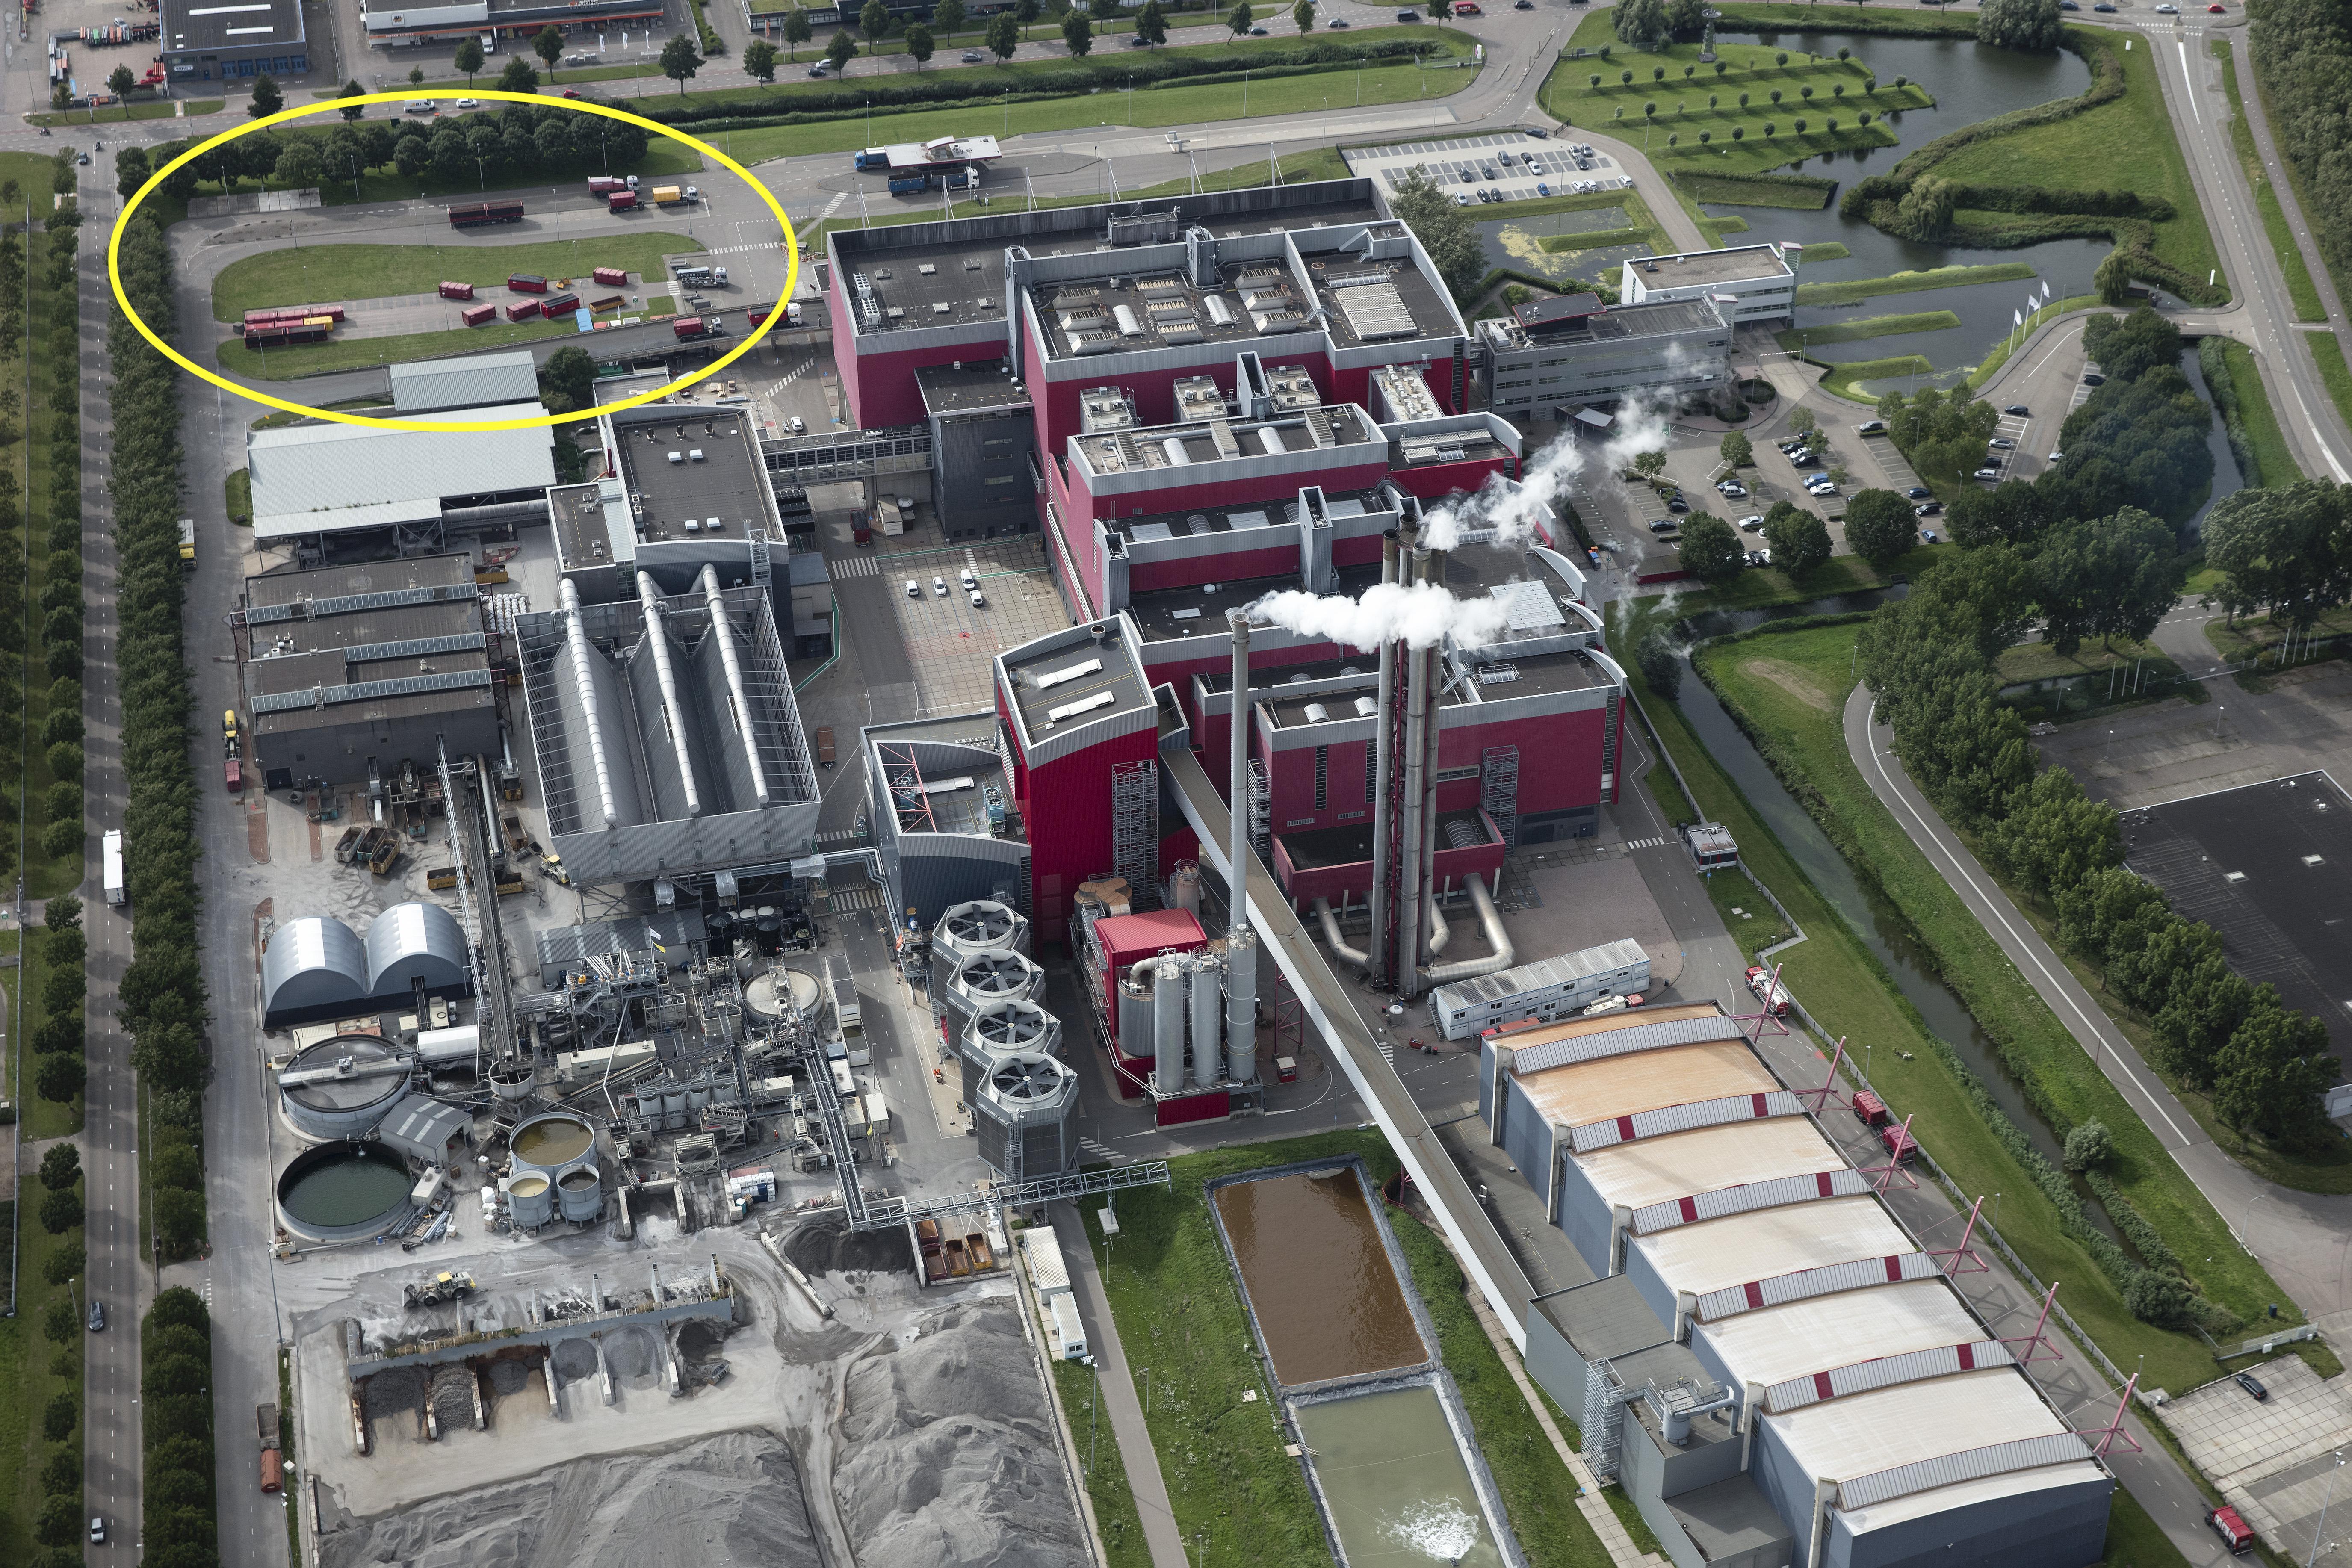 Vrees voor stank en drukte door nieuwe slibdrooginstallatie HVC. 'Ruim tienduizend vrachtwagens per jaar meer over toch al drukke Alkmaarse ringweg'